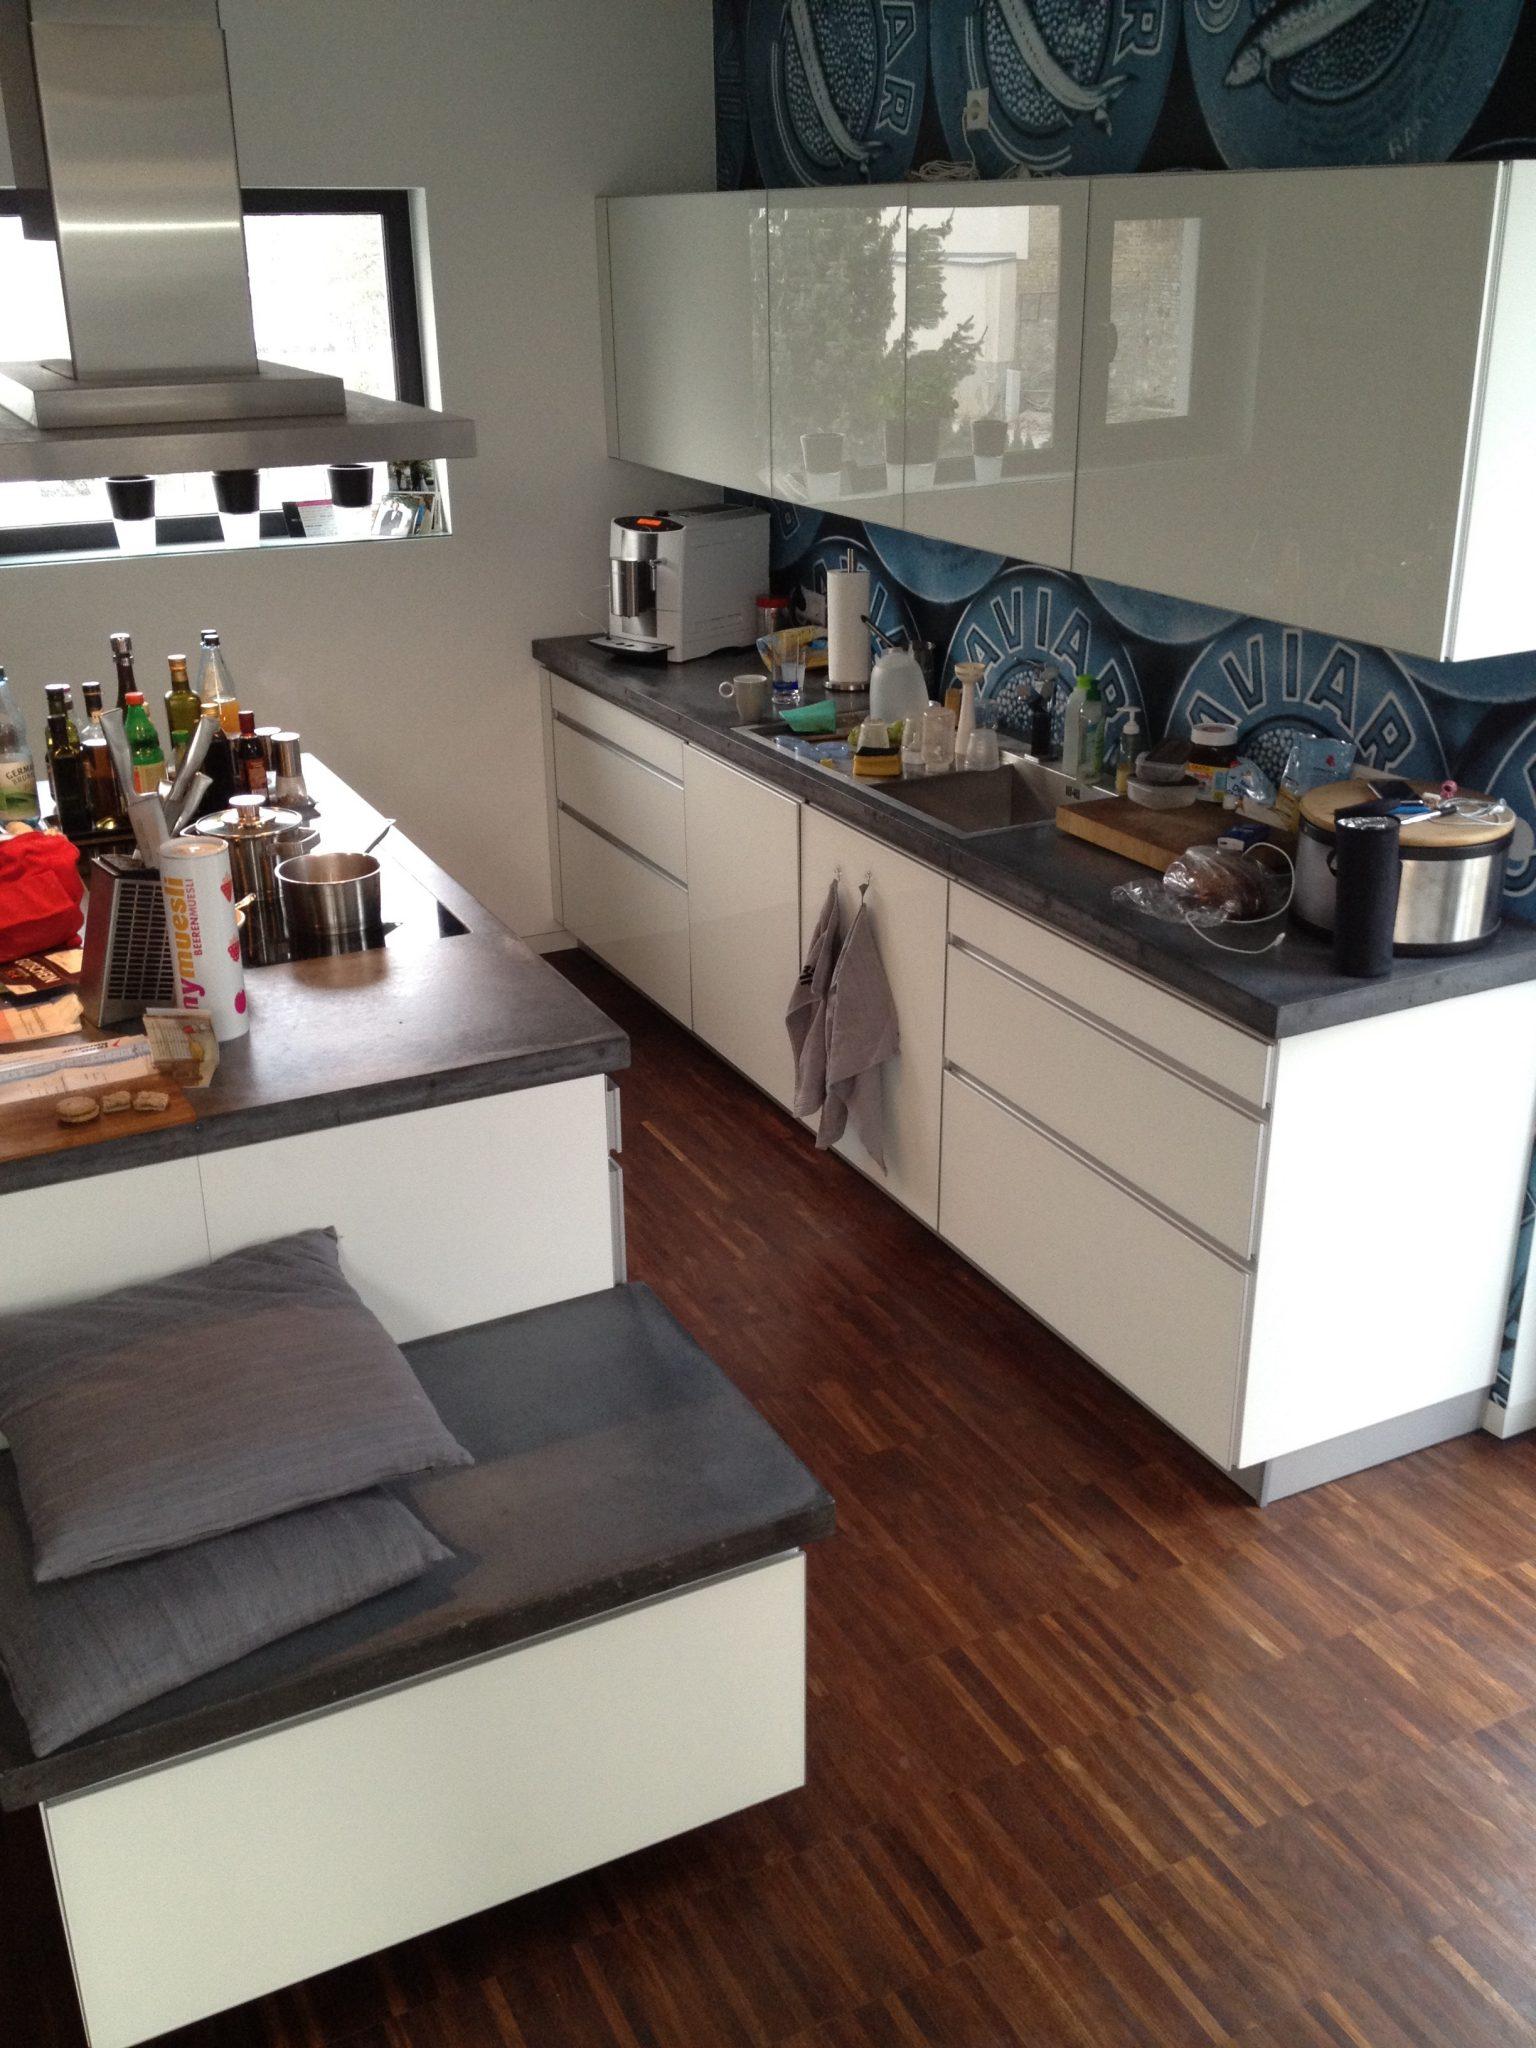 Küchenarbeitsplatte aus Beton | Holz und Beton